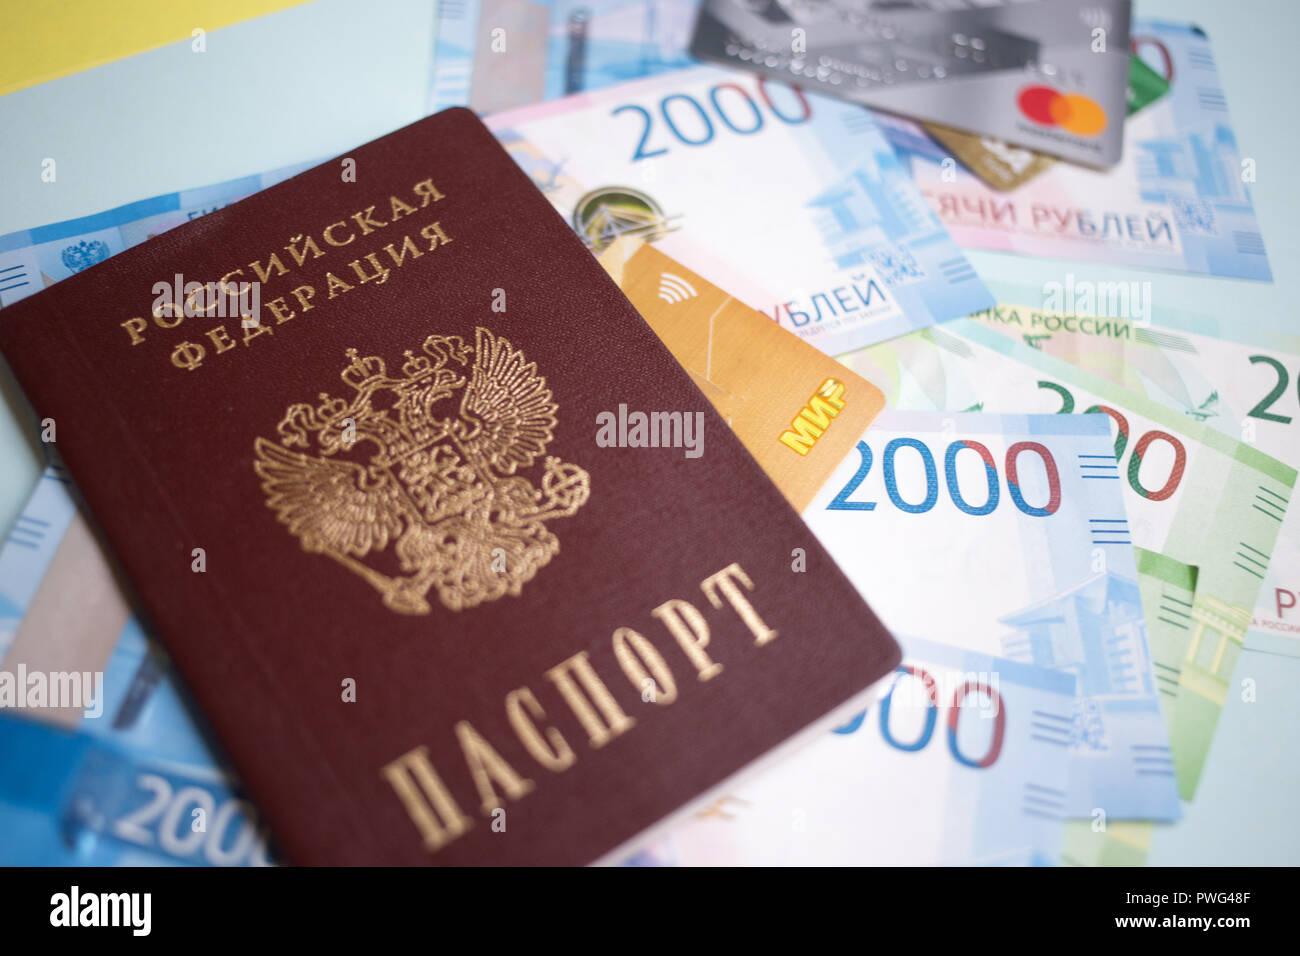 можно ли взять микрозайм по фото паспорта